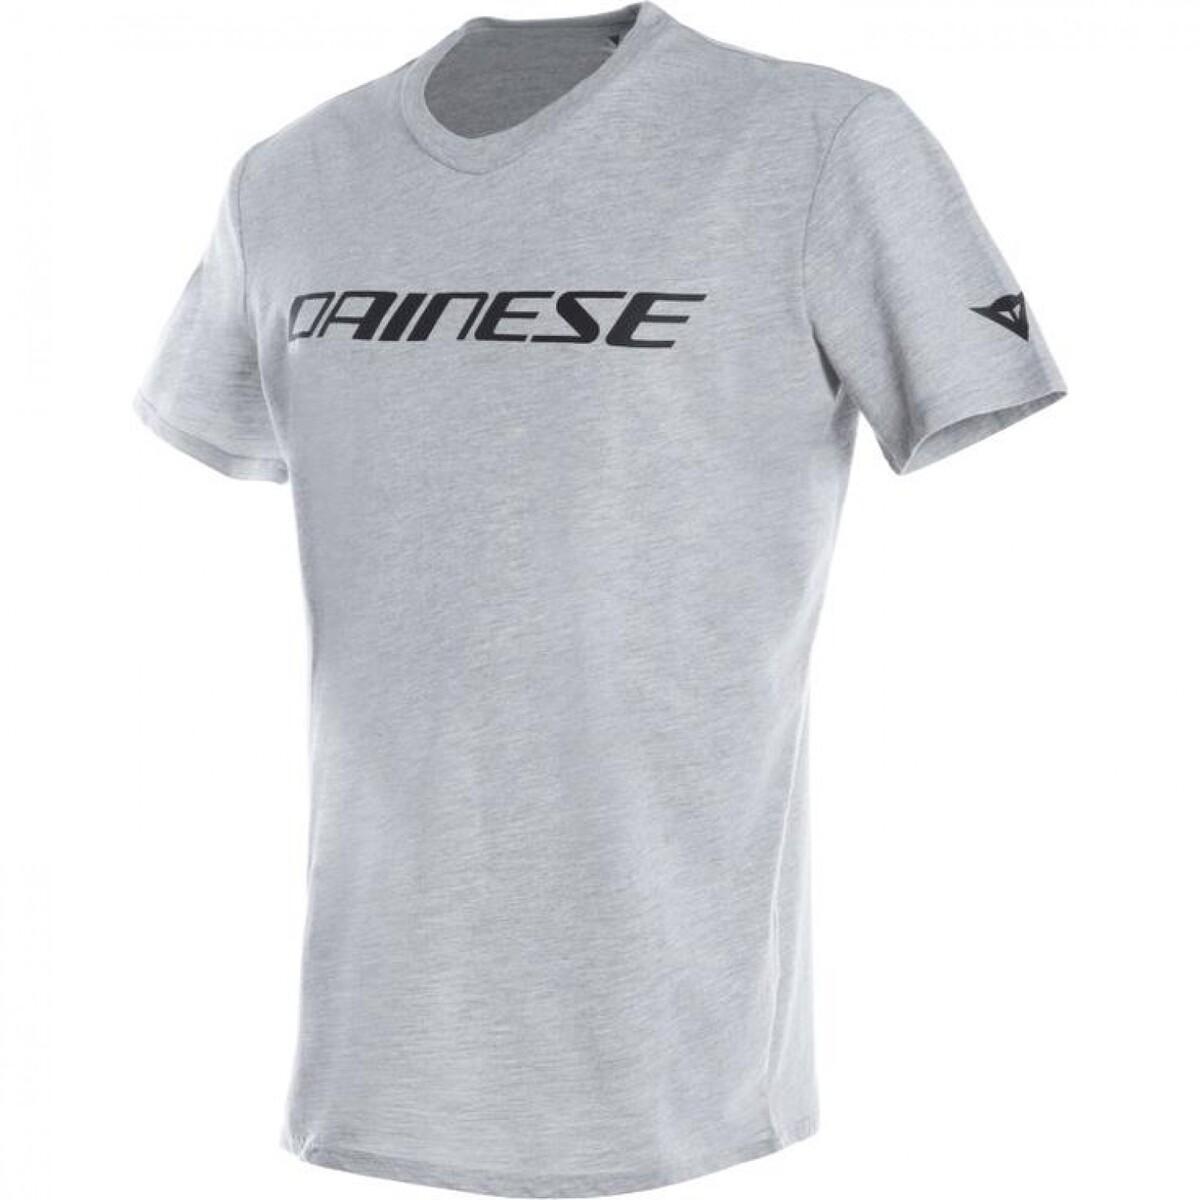 """Bild 1 von Dainese """"Dainese"""" T-Shirt grau Herren Größe XXL"""